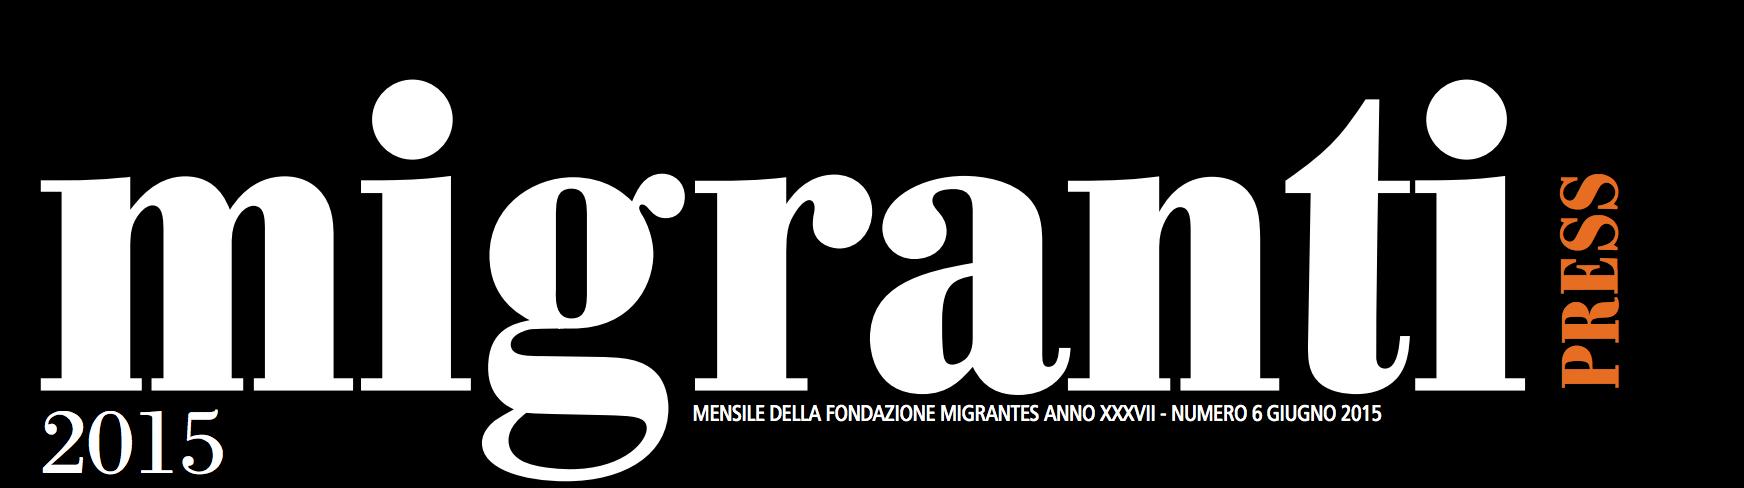 MigrantiPress - edizione del 6 giugno 2015